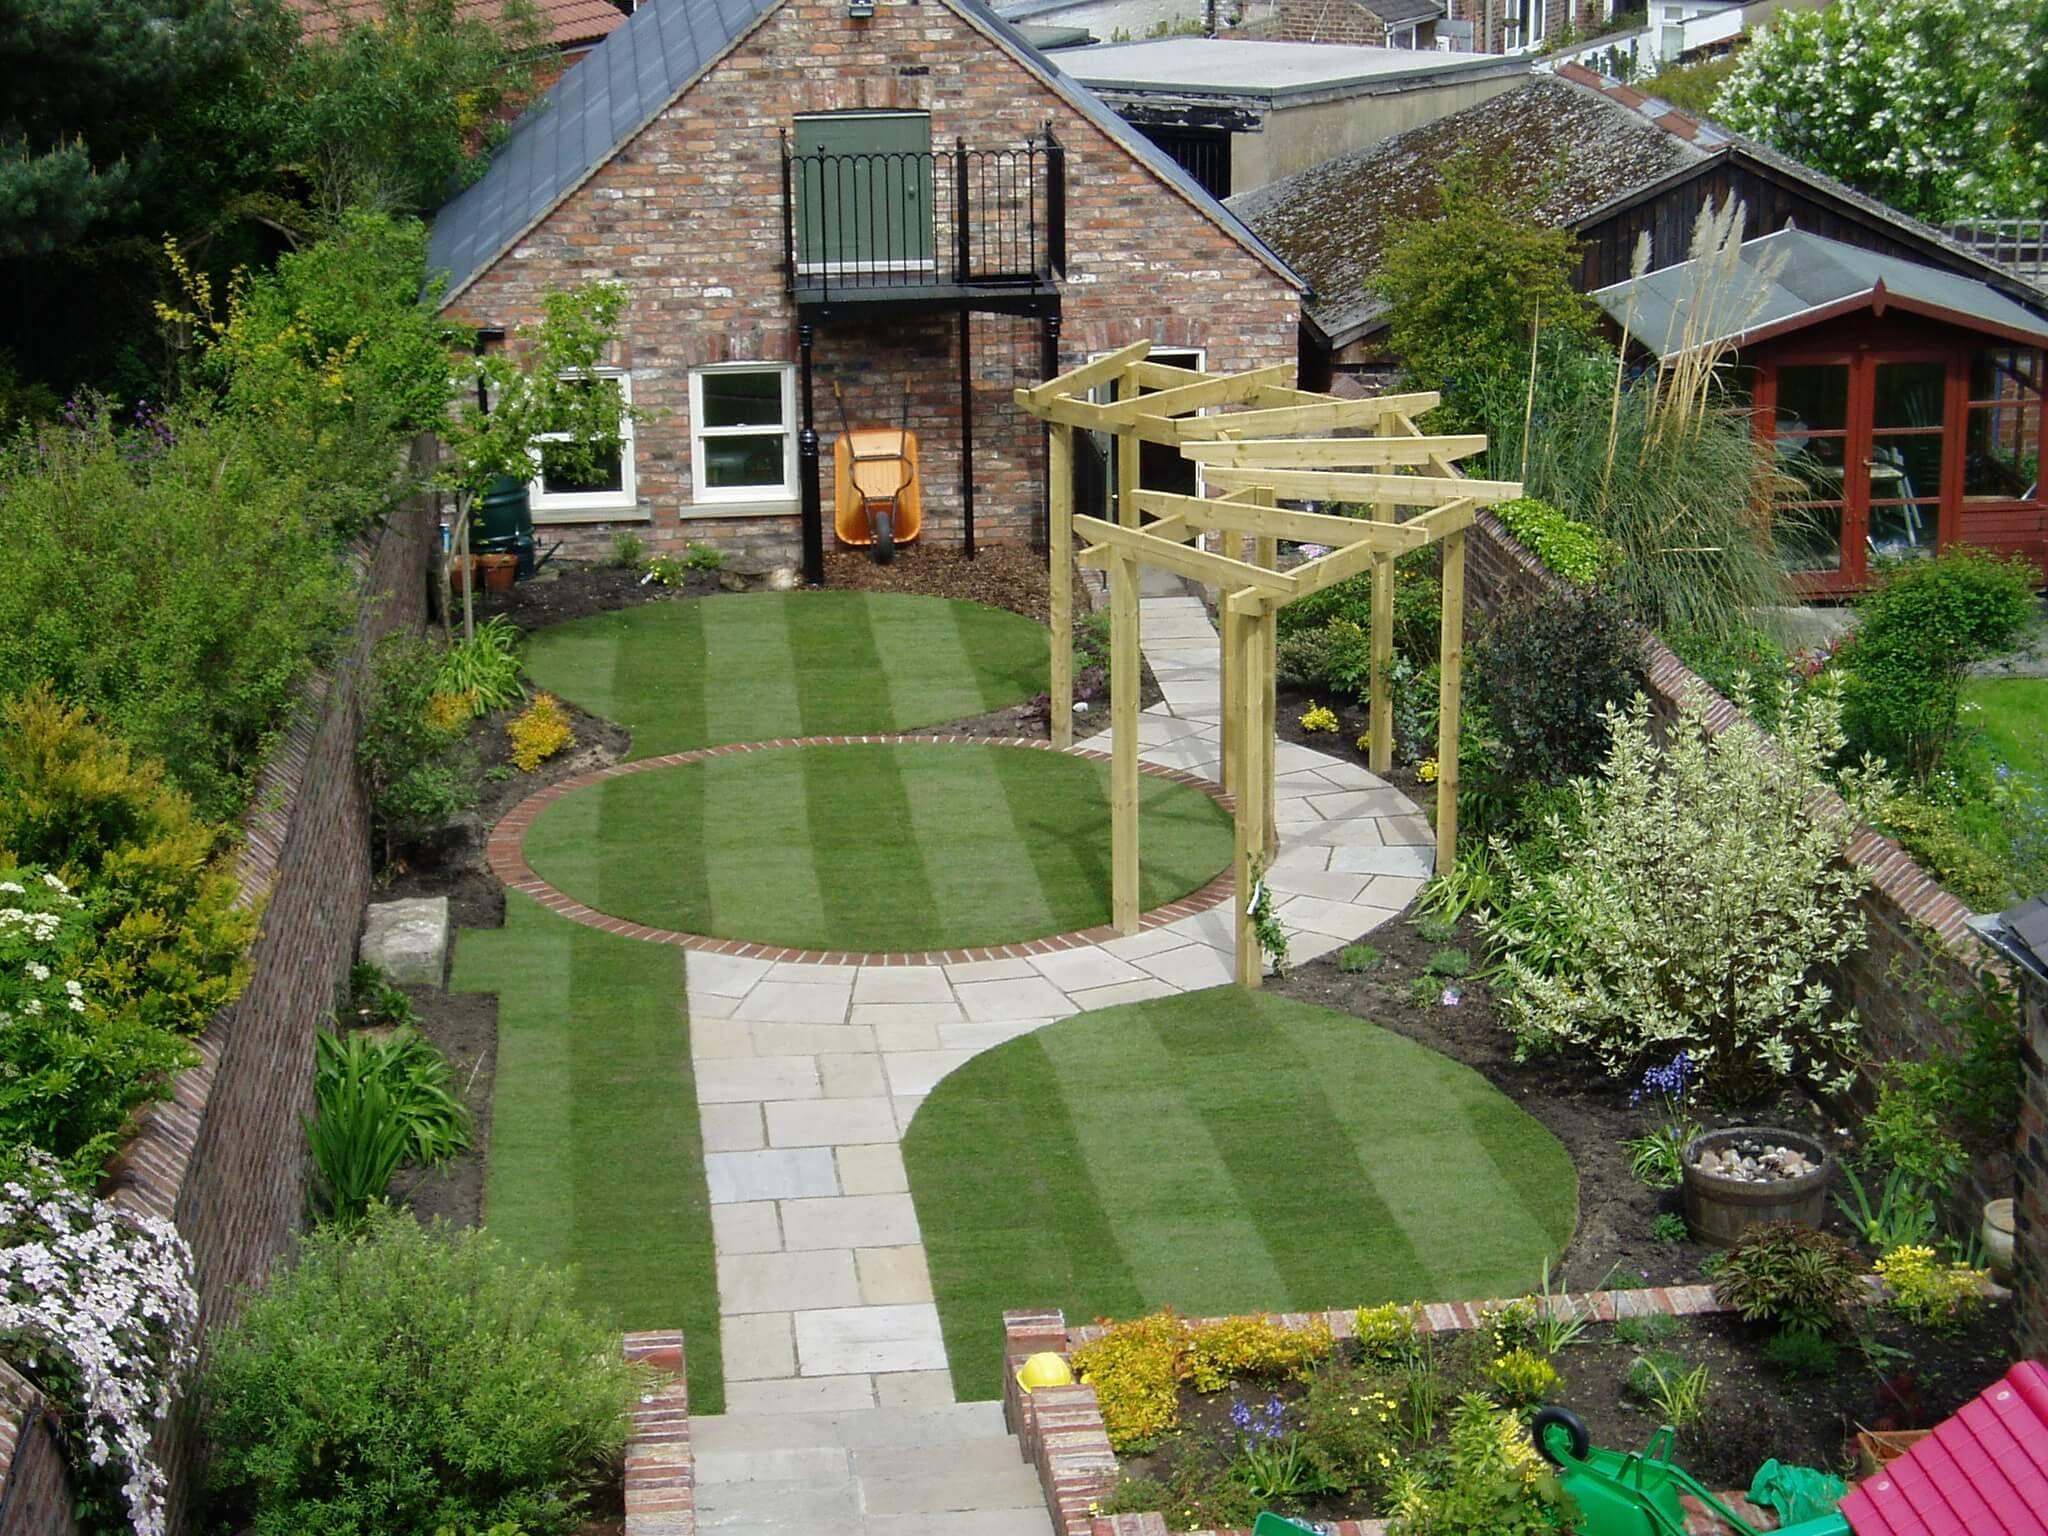 Gartengestaltung 25 Moderne Ideen Bilder Beispiele Kosten